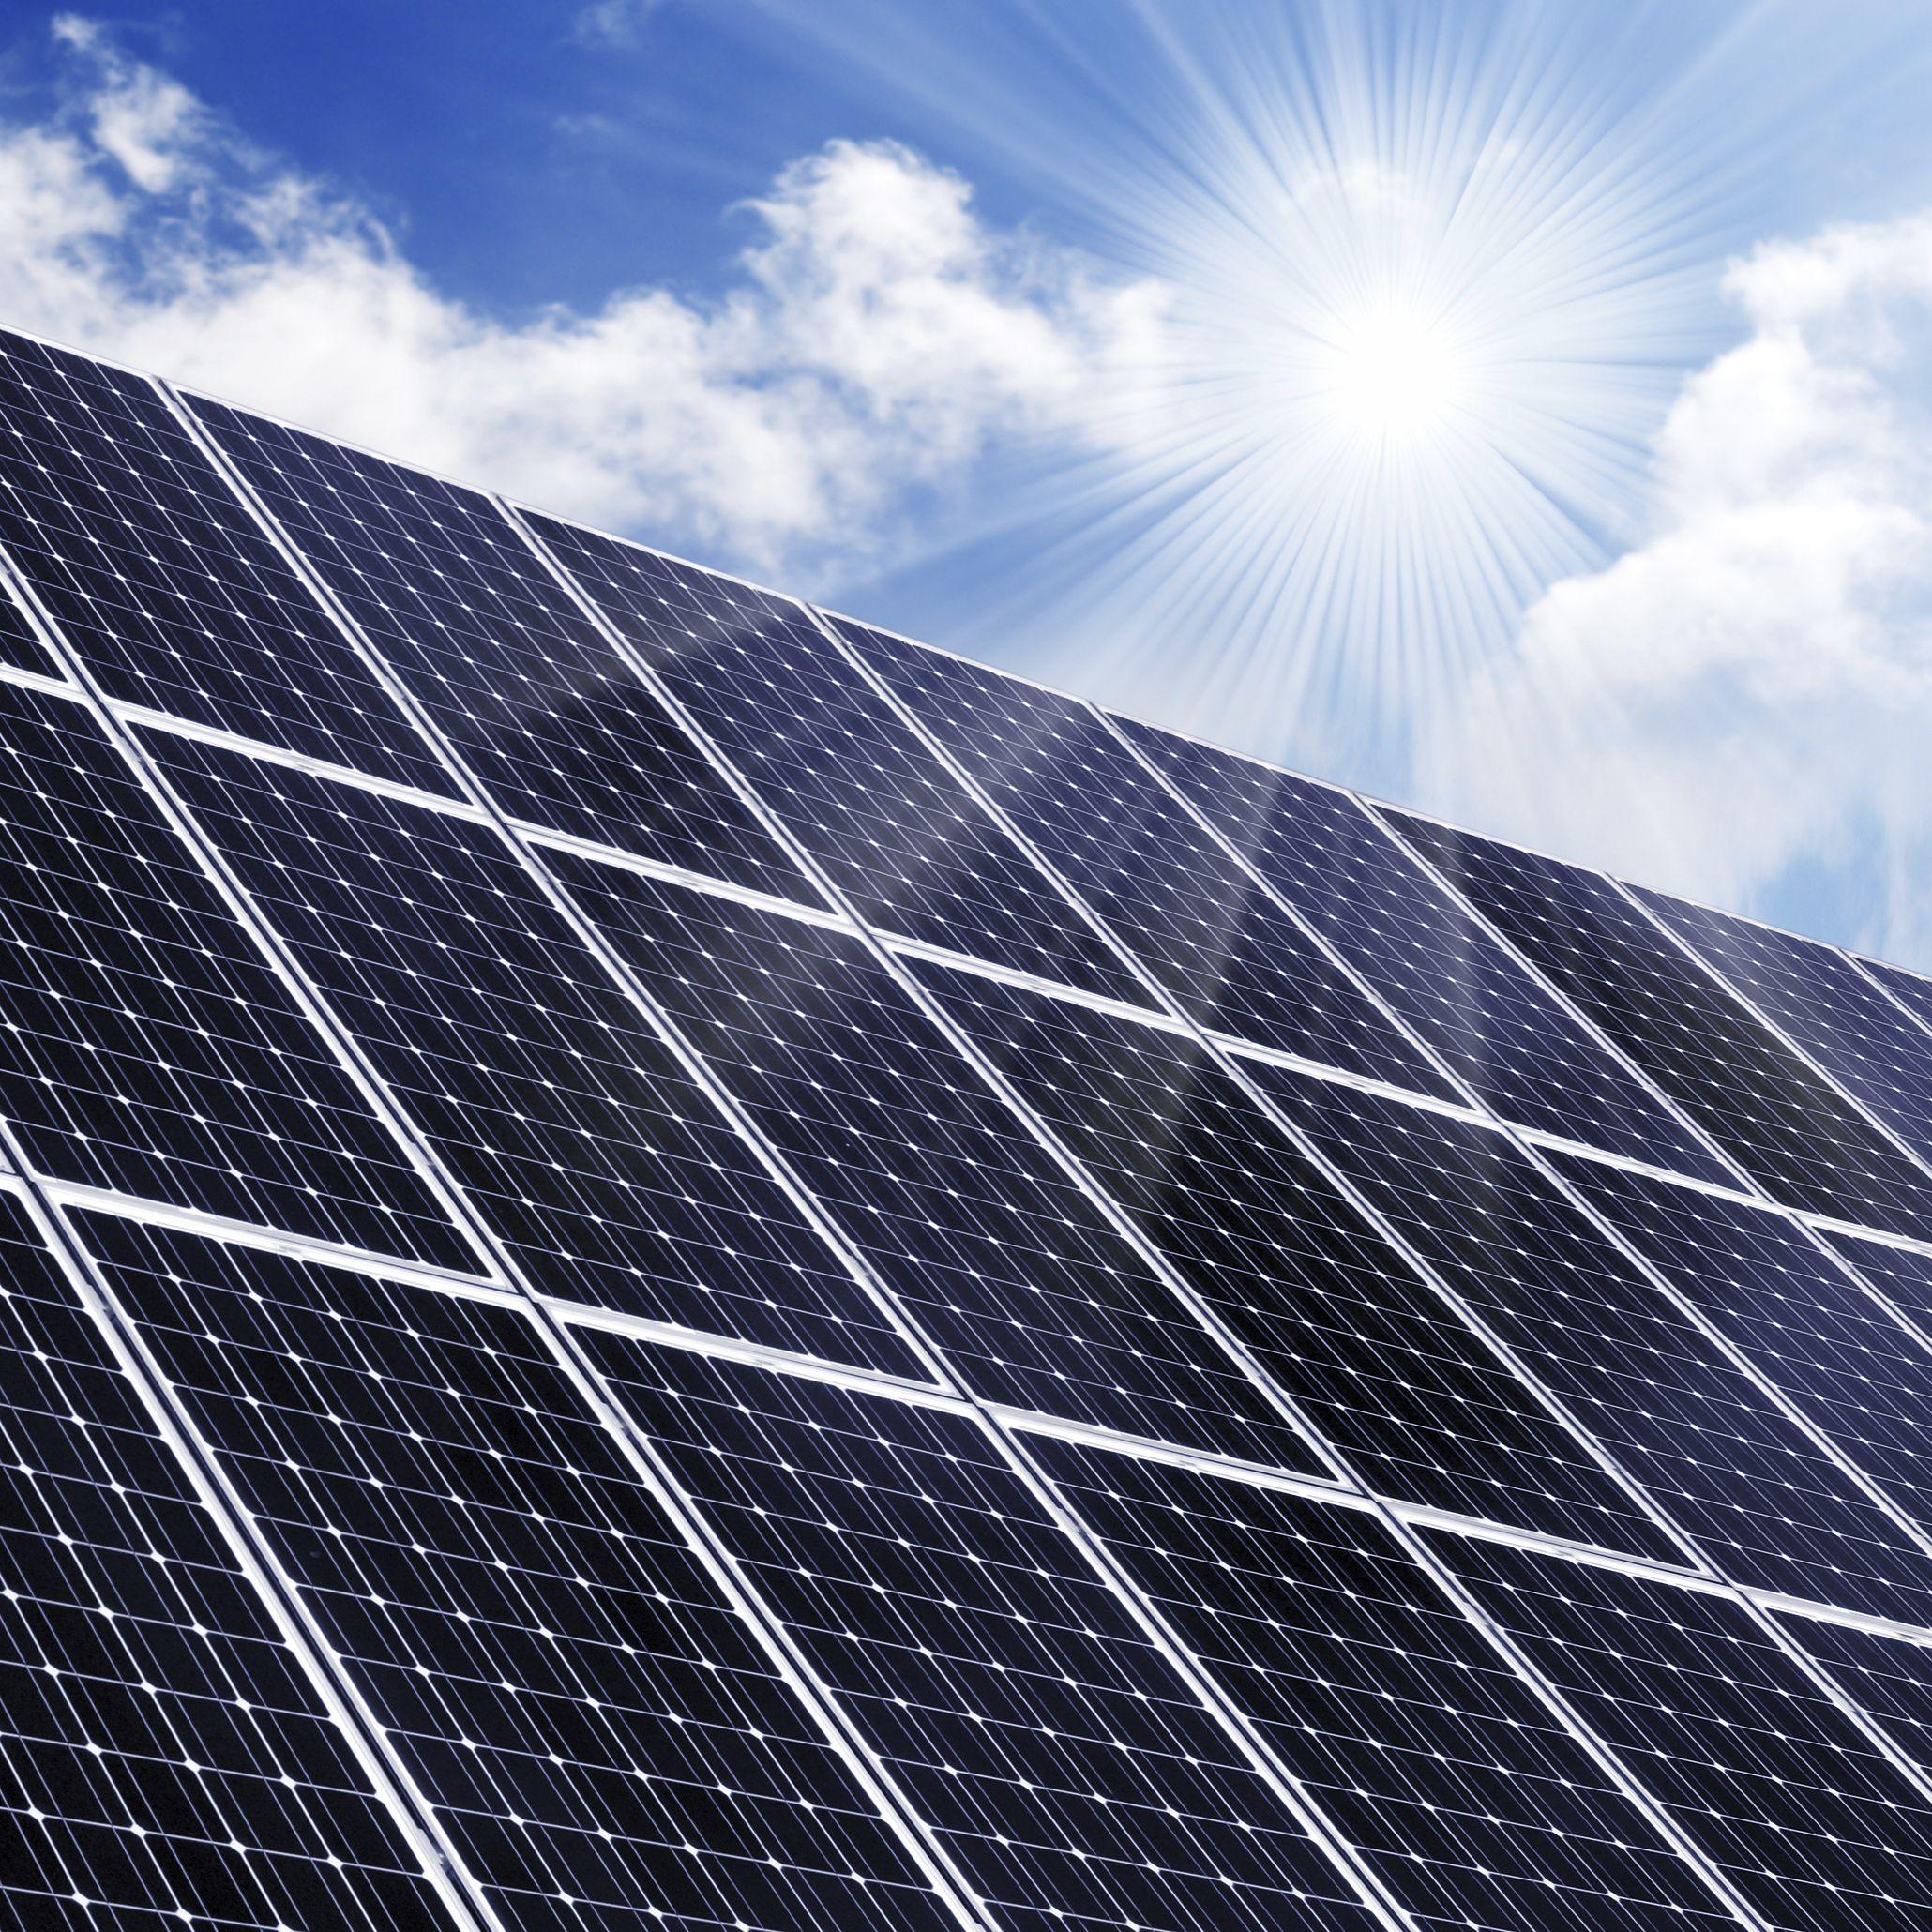 Instalación de placas solares fotovoltaicas: Servicios de Electrobra Instalaciones Eléctricas